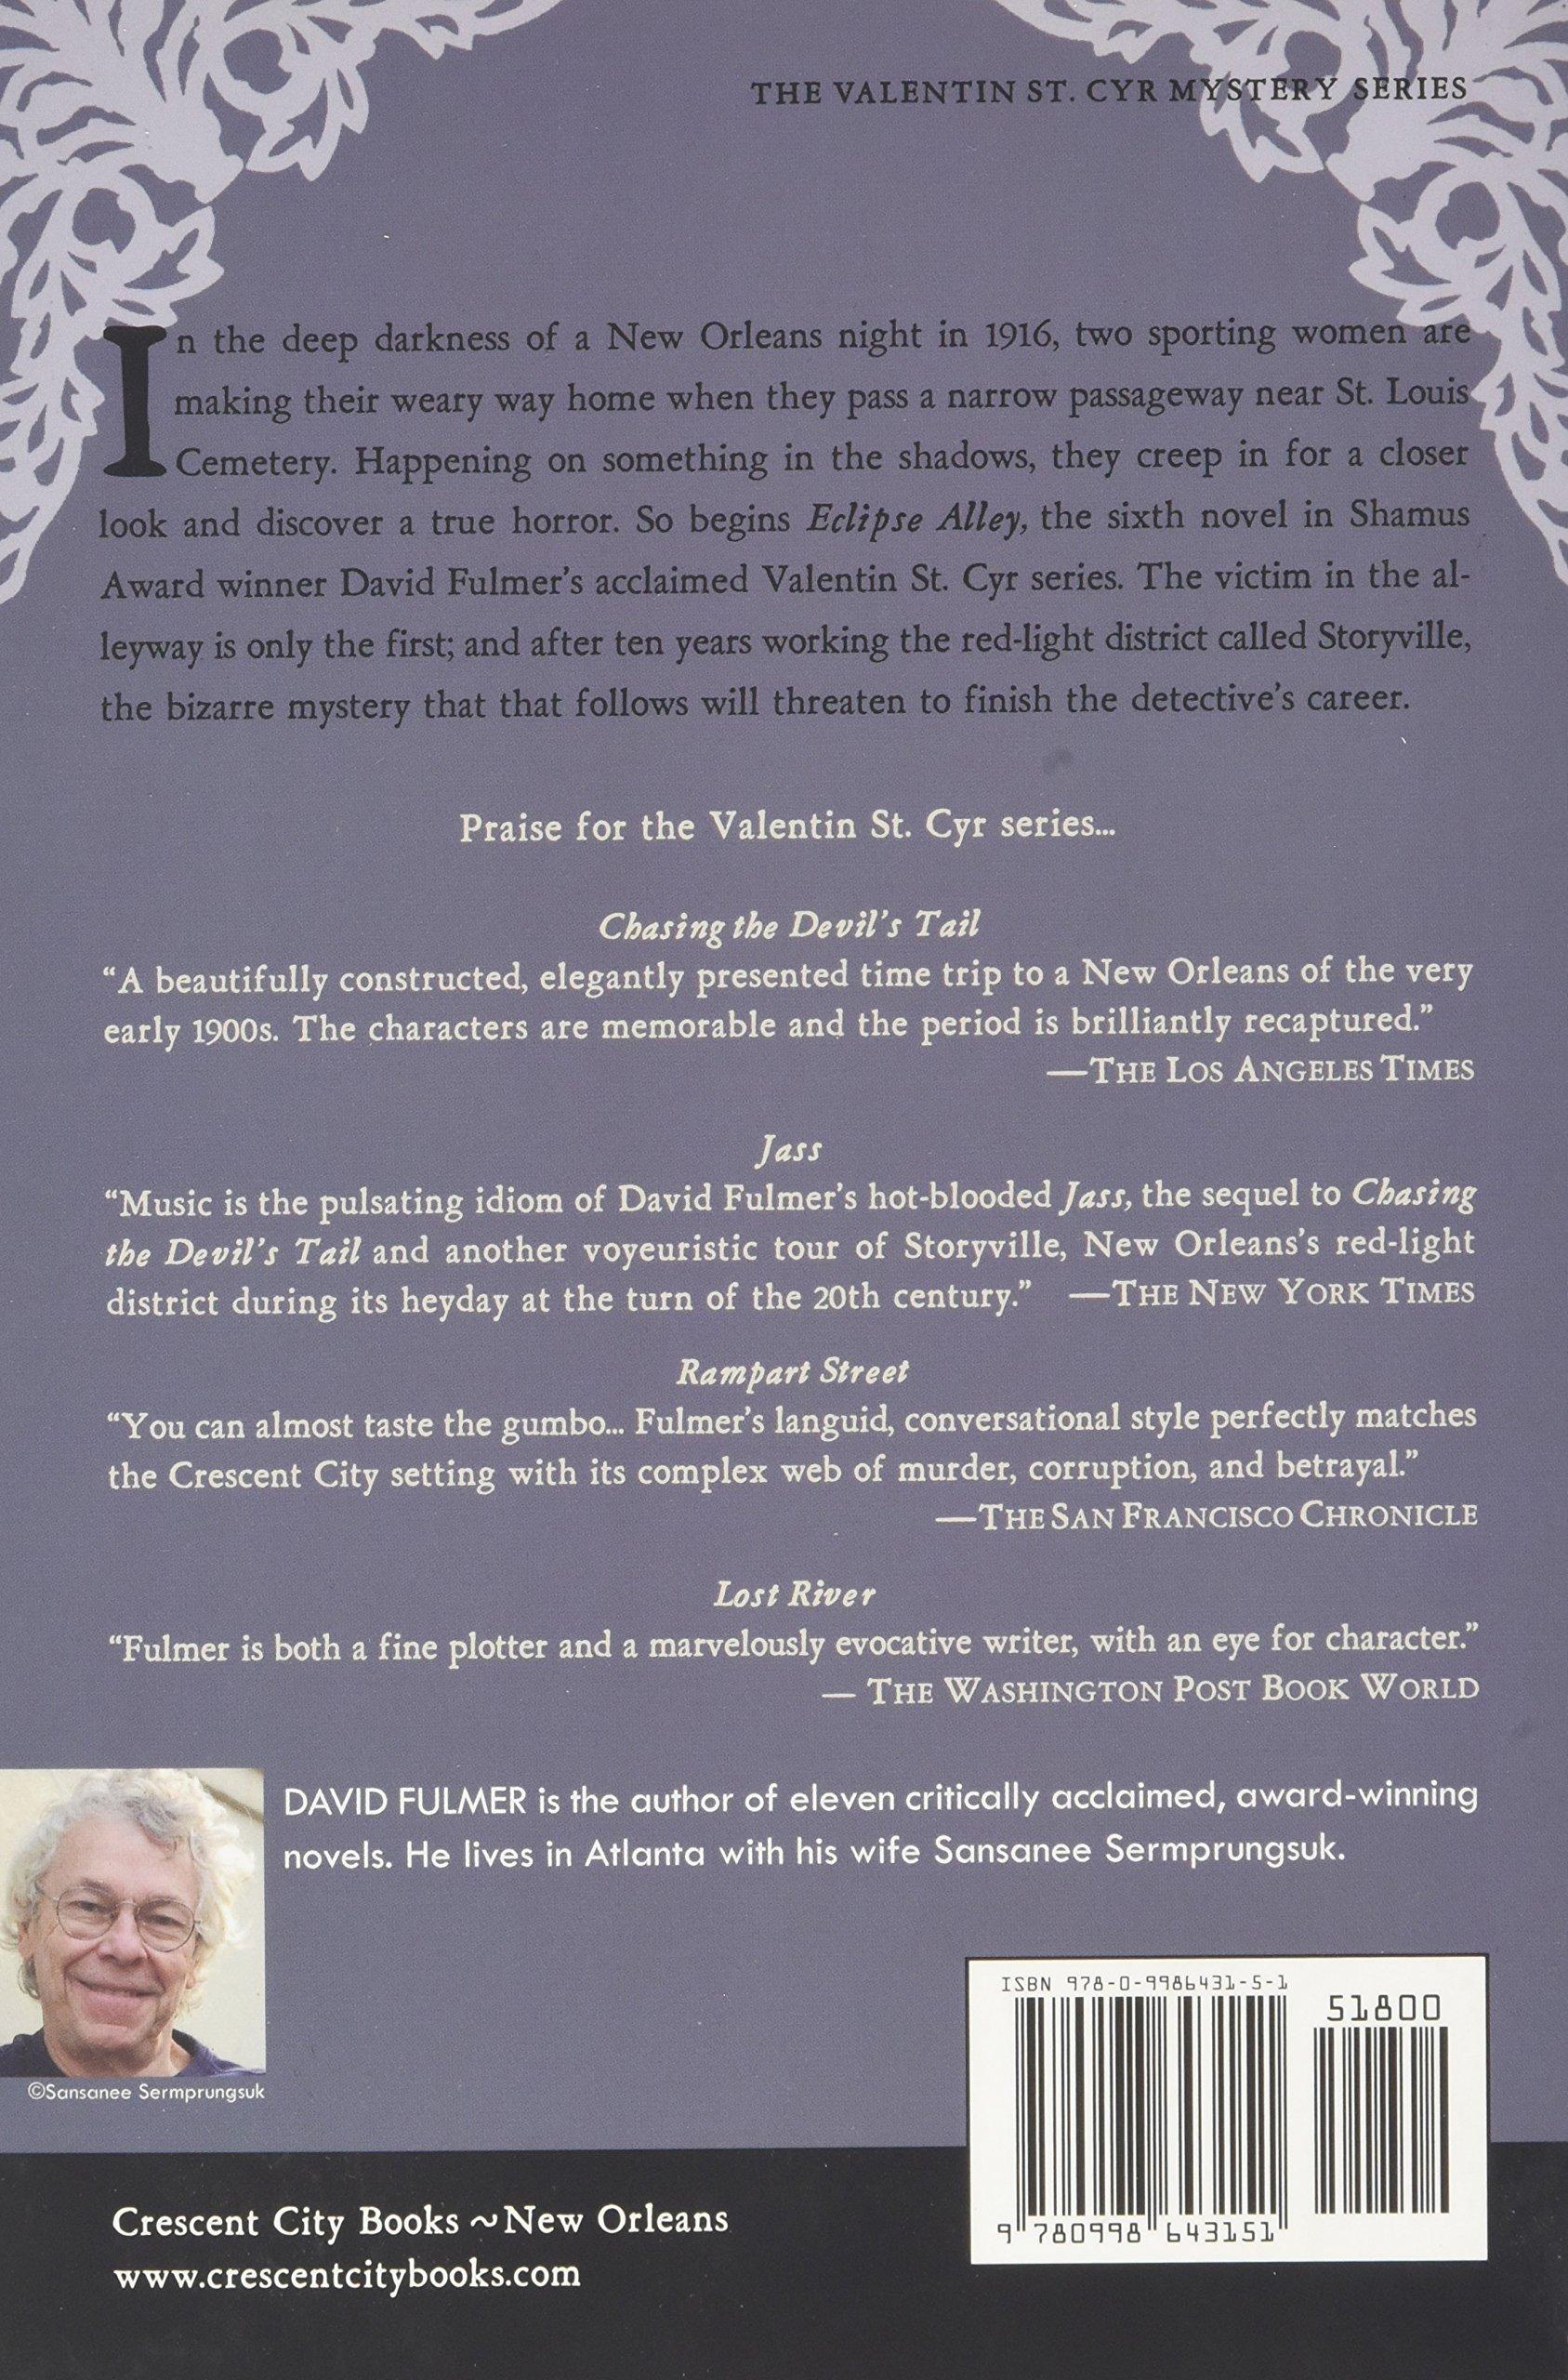 Eclipse Alley (The Valentin St. Cyr Mysteries): Amazon.es: Fulmer, David: Libros en idiomas extranjeros